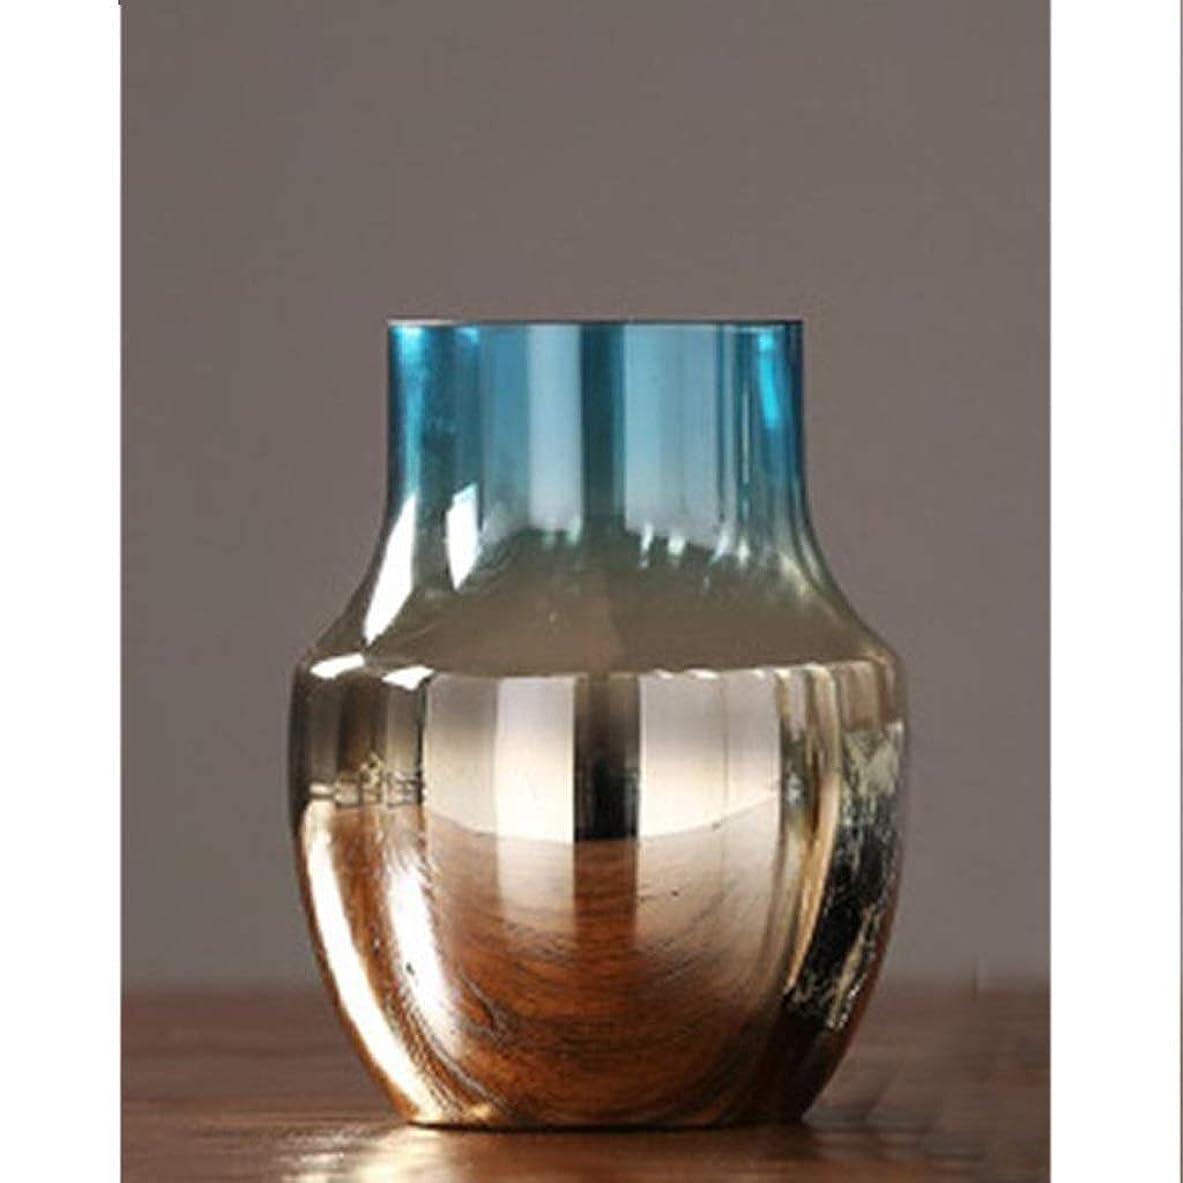 ポテトメロドラマ王室花器 高品質な素材美しいクラフトガラスがなめらかボトルエレガントな花瓶ボディ一般的なガラスを明らかに (Size : 21cm×15.5cm)